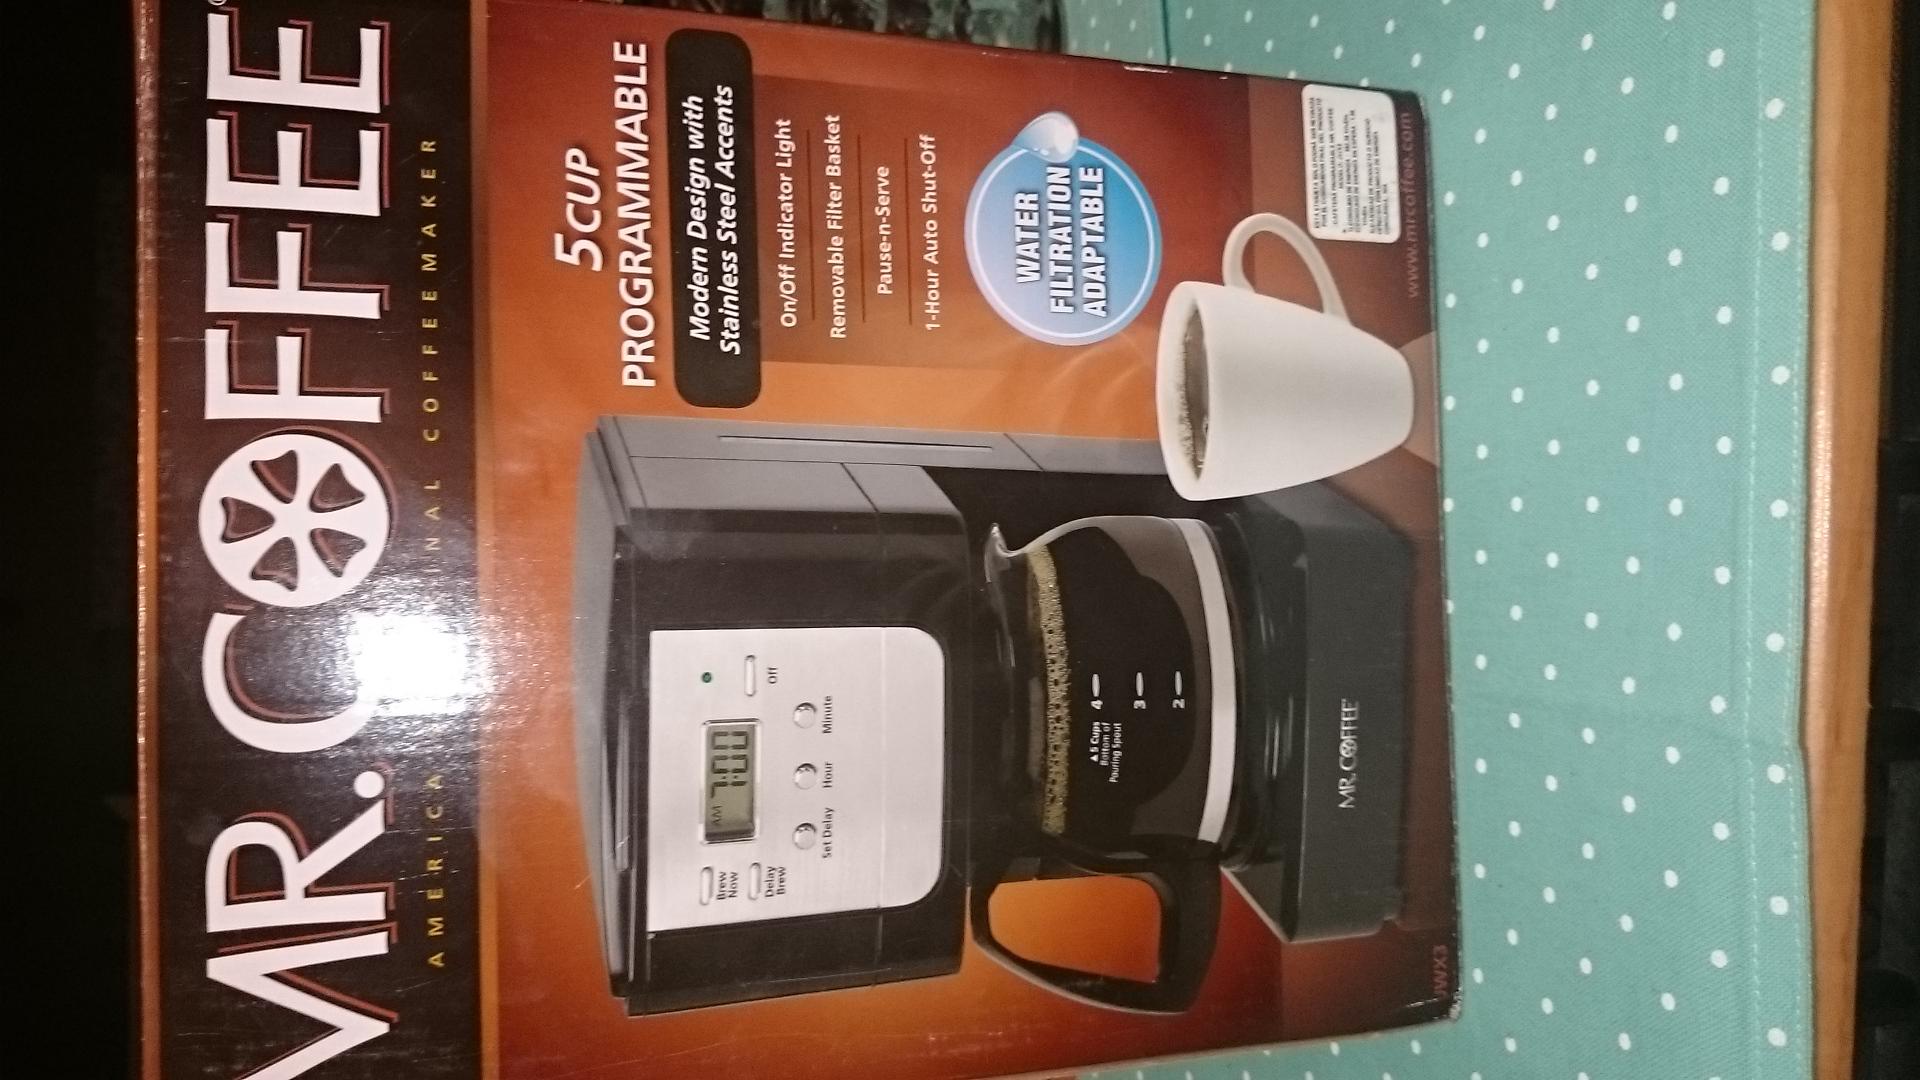 WALMART: cafetera MR COFFEE $100.03 y ¡más! en comentarios